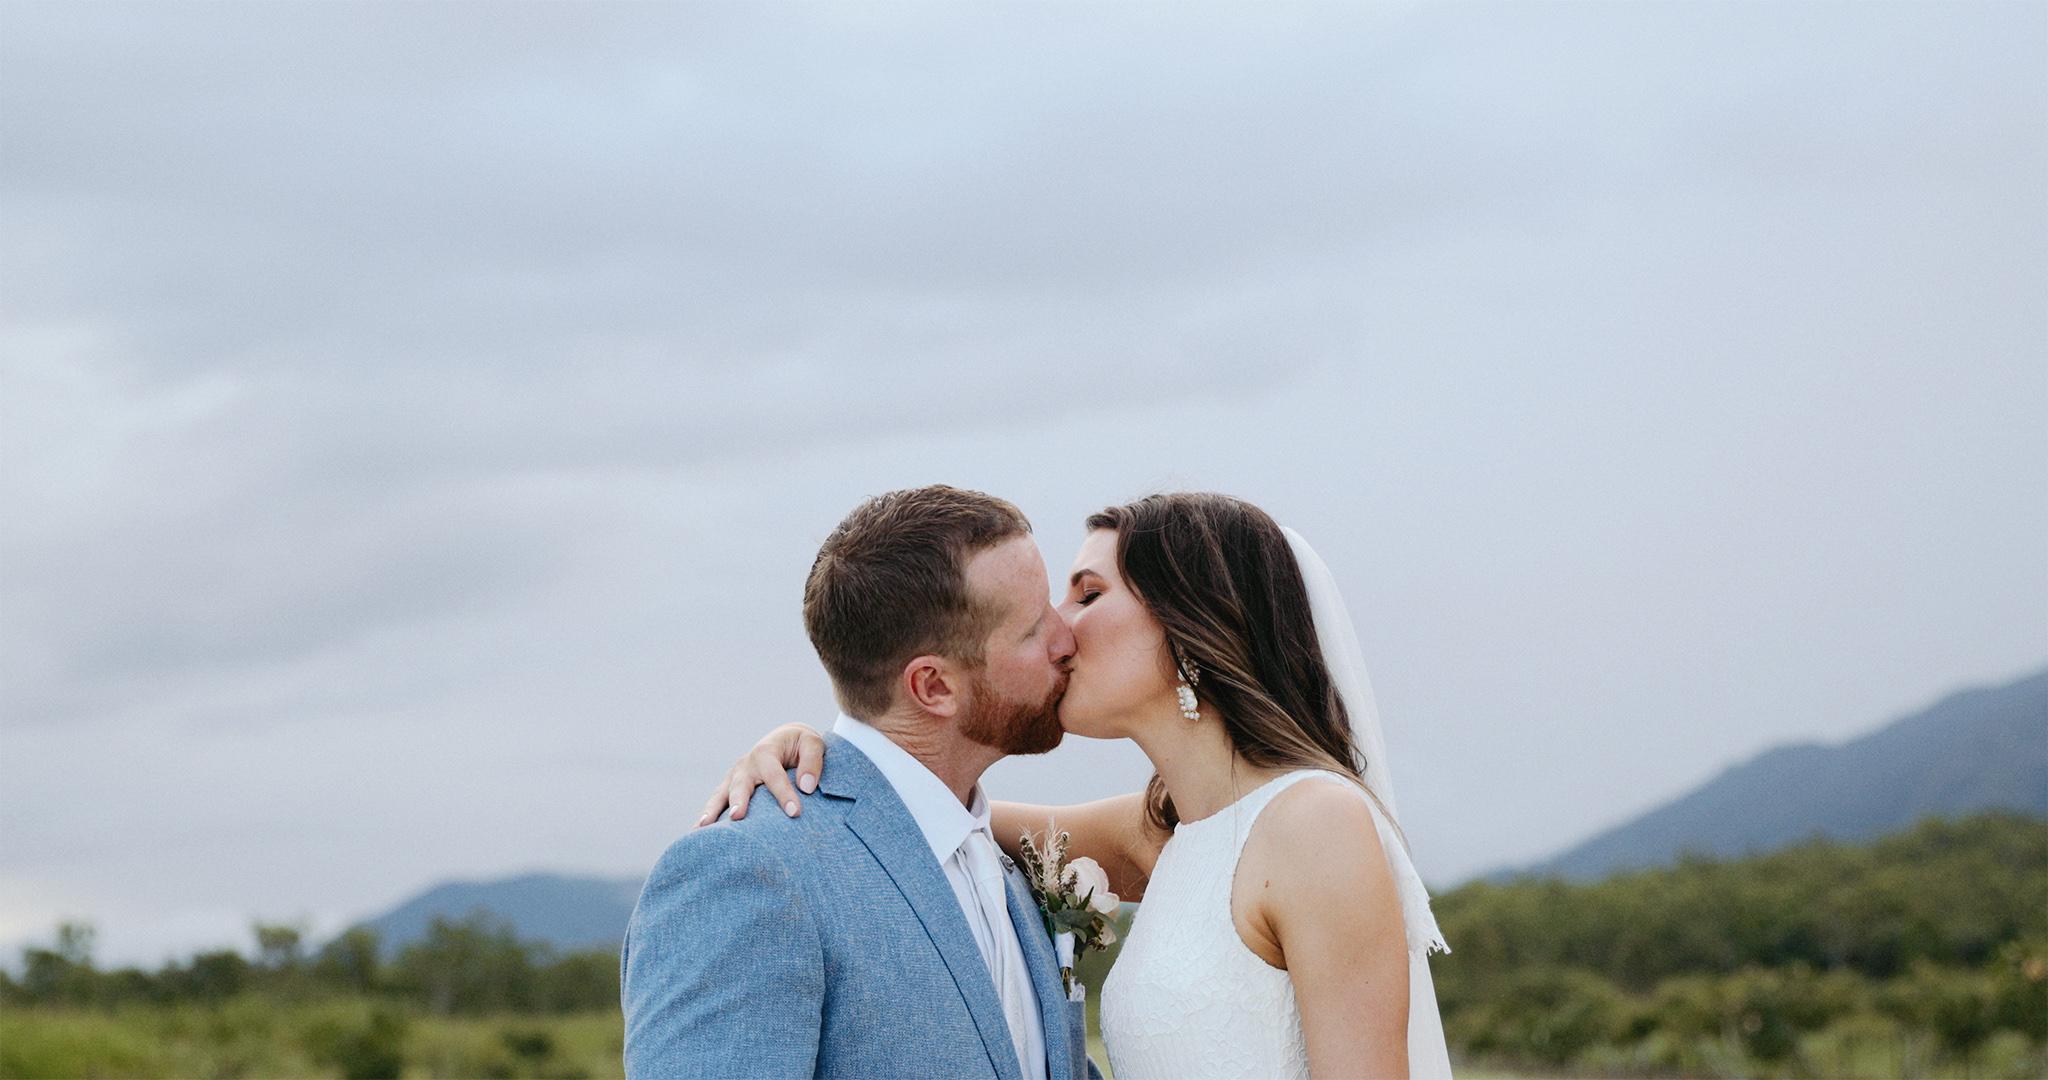 Brianna & Darren Wedding Image_2.jpg